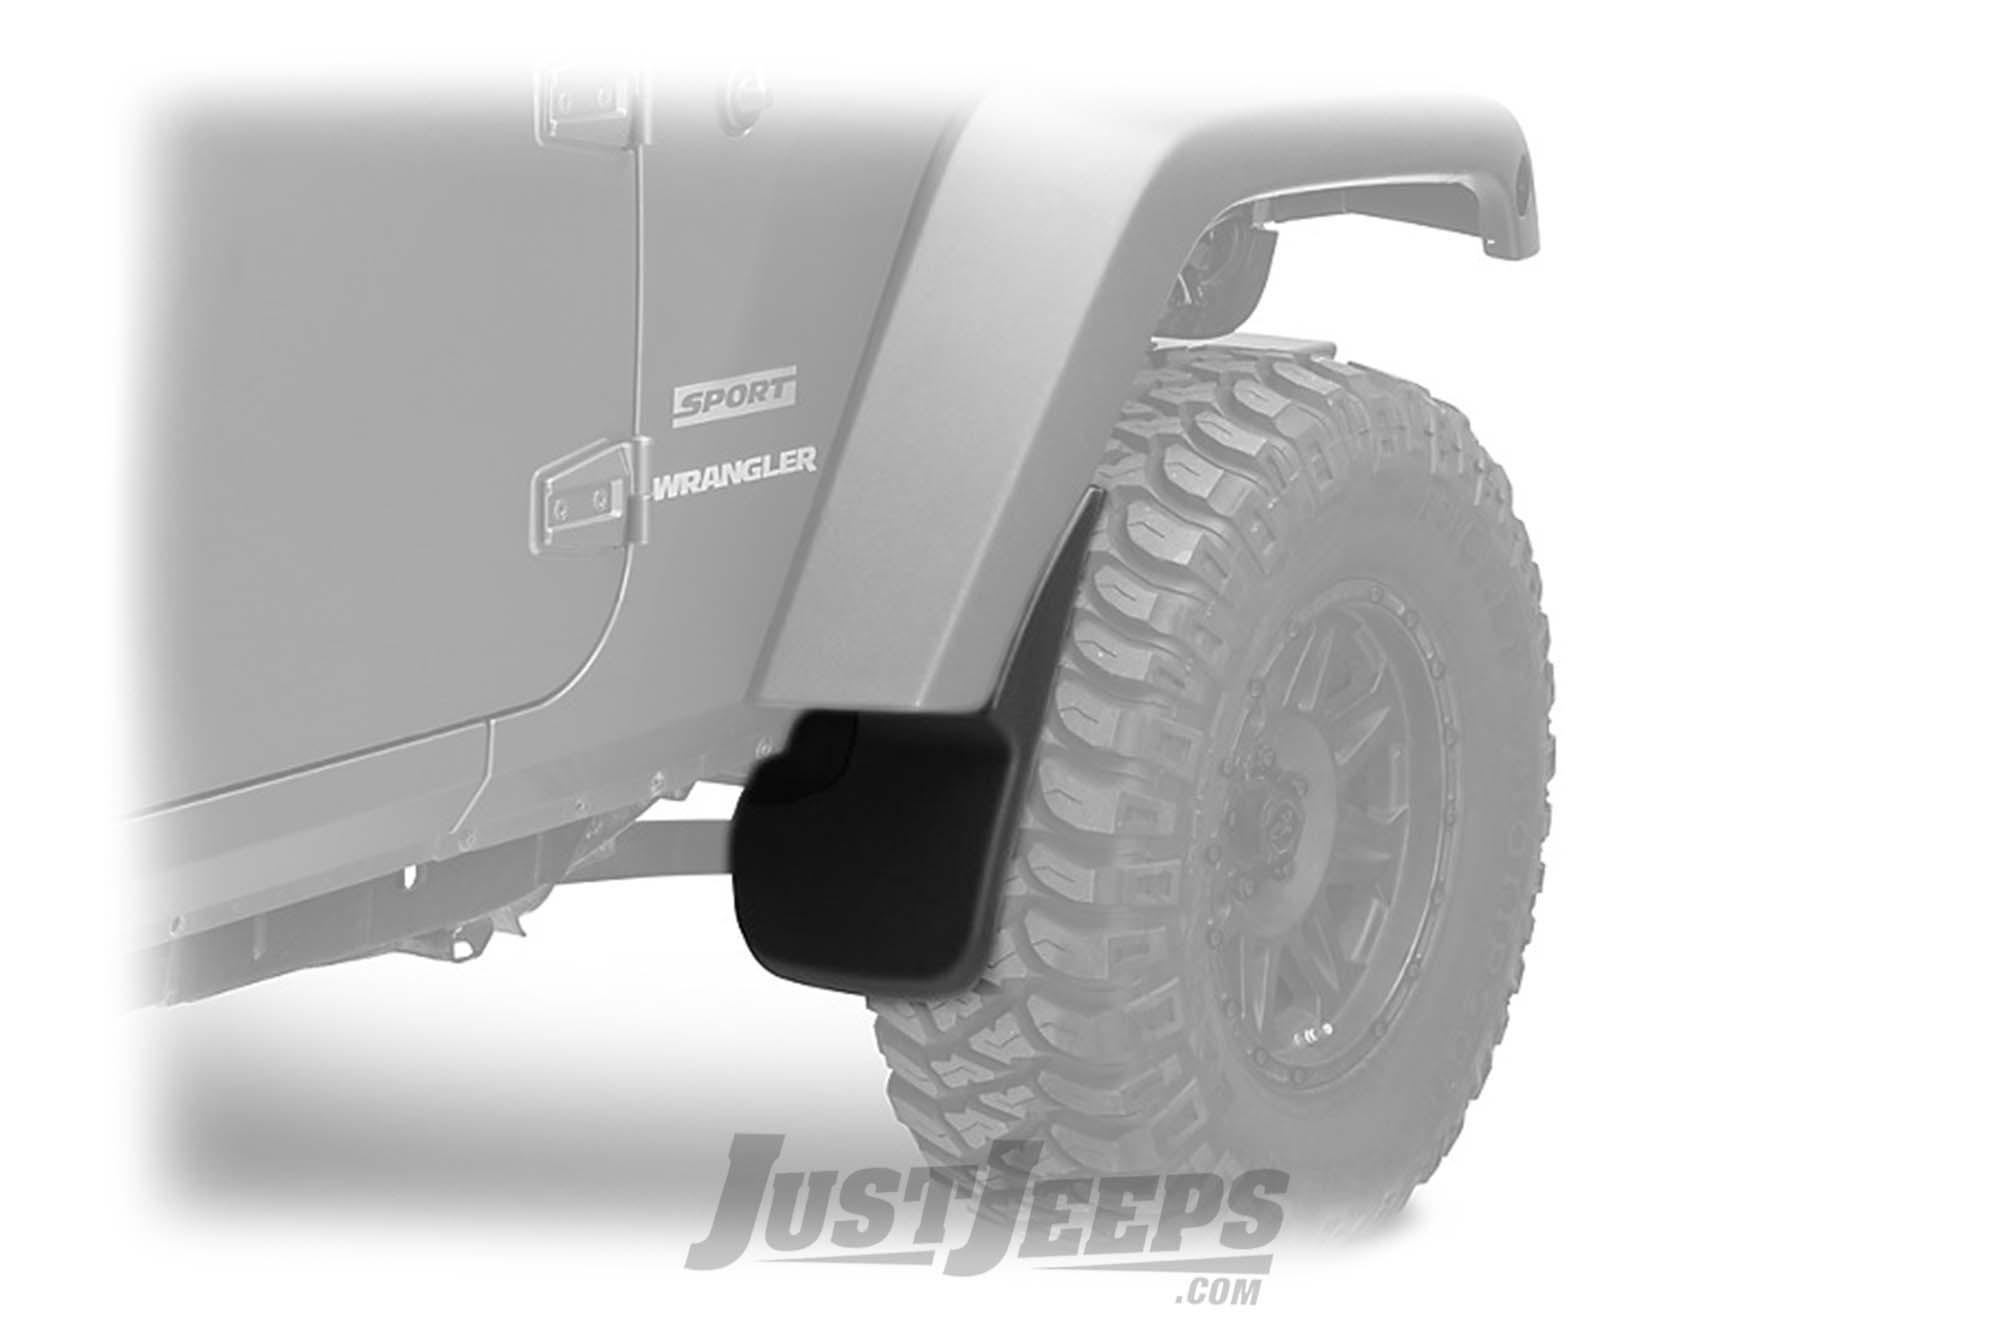 hight resolution of just jeeps husky liners custom molded front mud flaps for 2007 18 jeep wrangler jk 2 door unlimited 4 door models floor mats front area liner shop